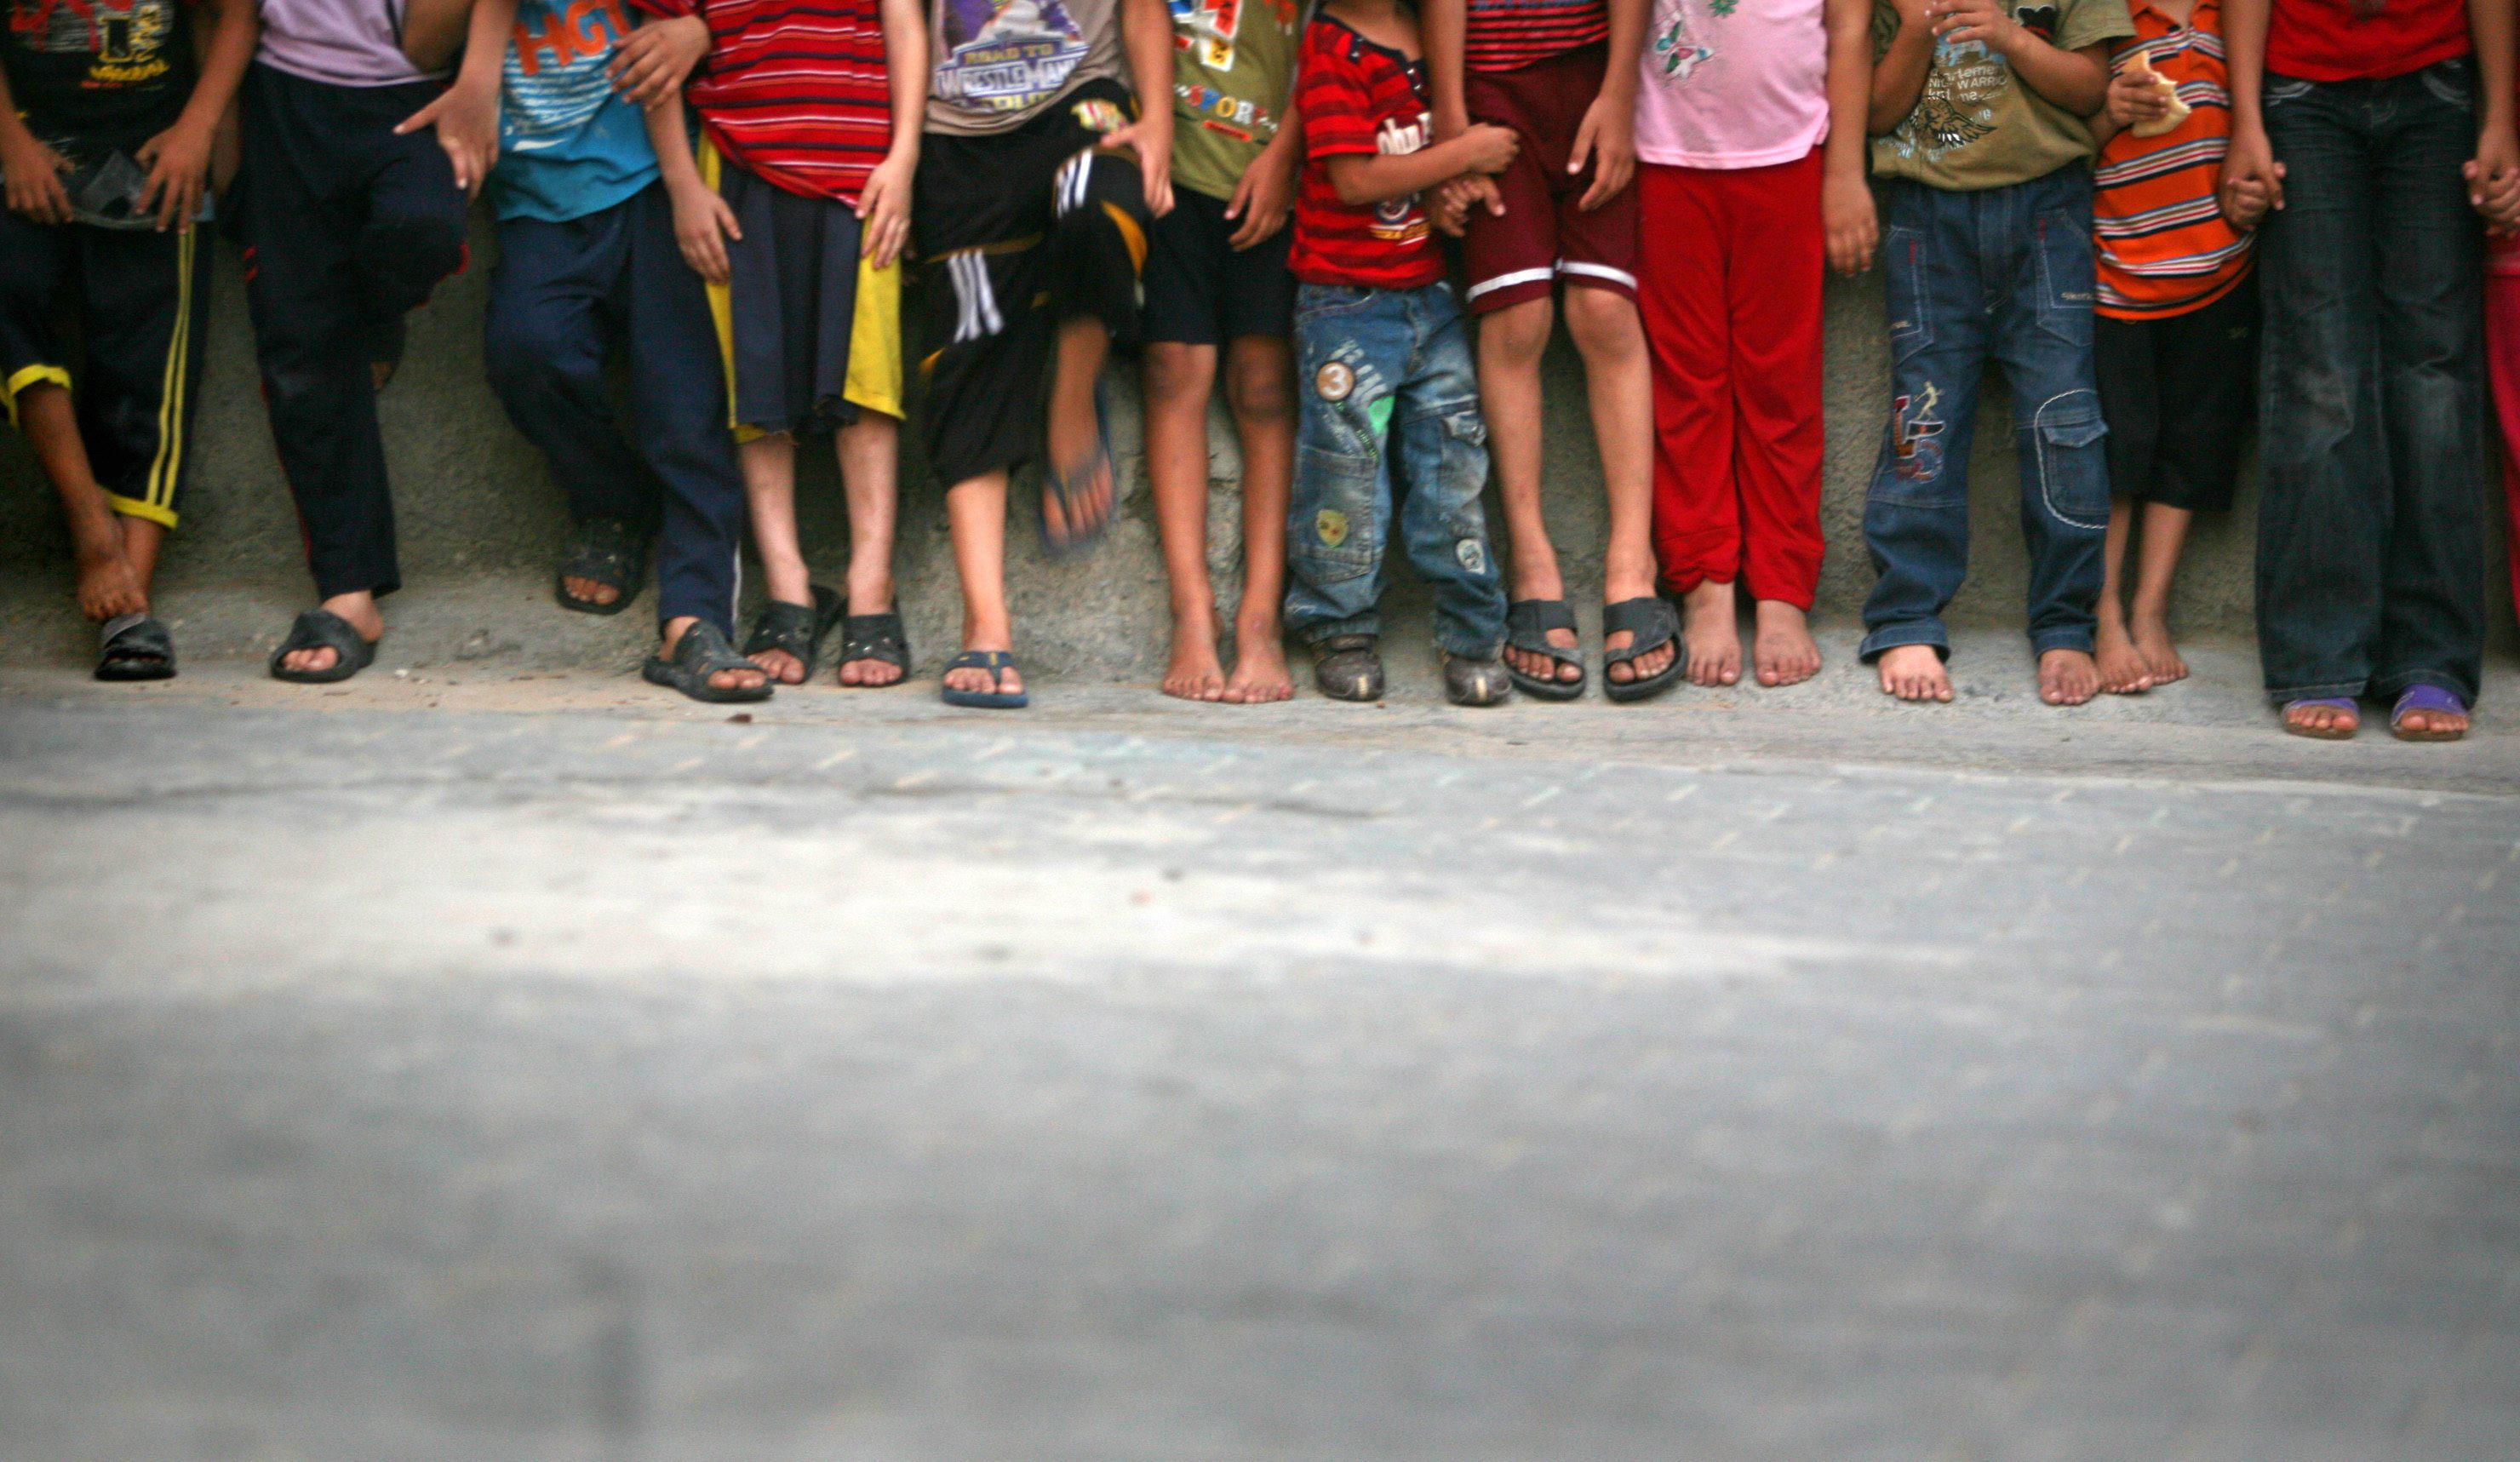 El actual proceso ha alejado aún más a palestinos e israelíes, según la OLP